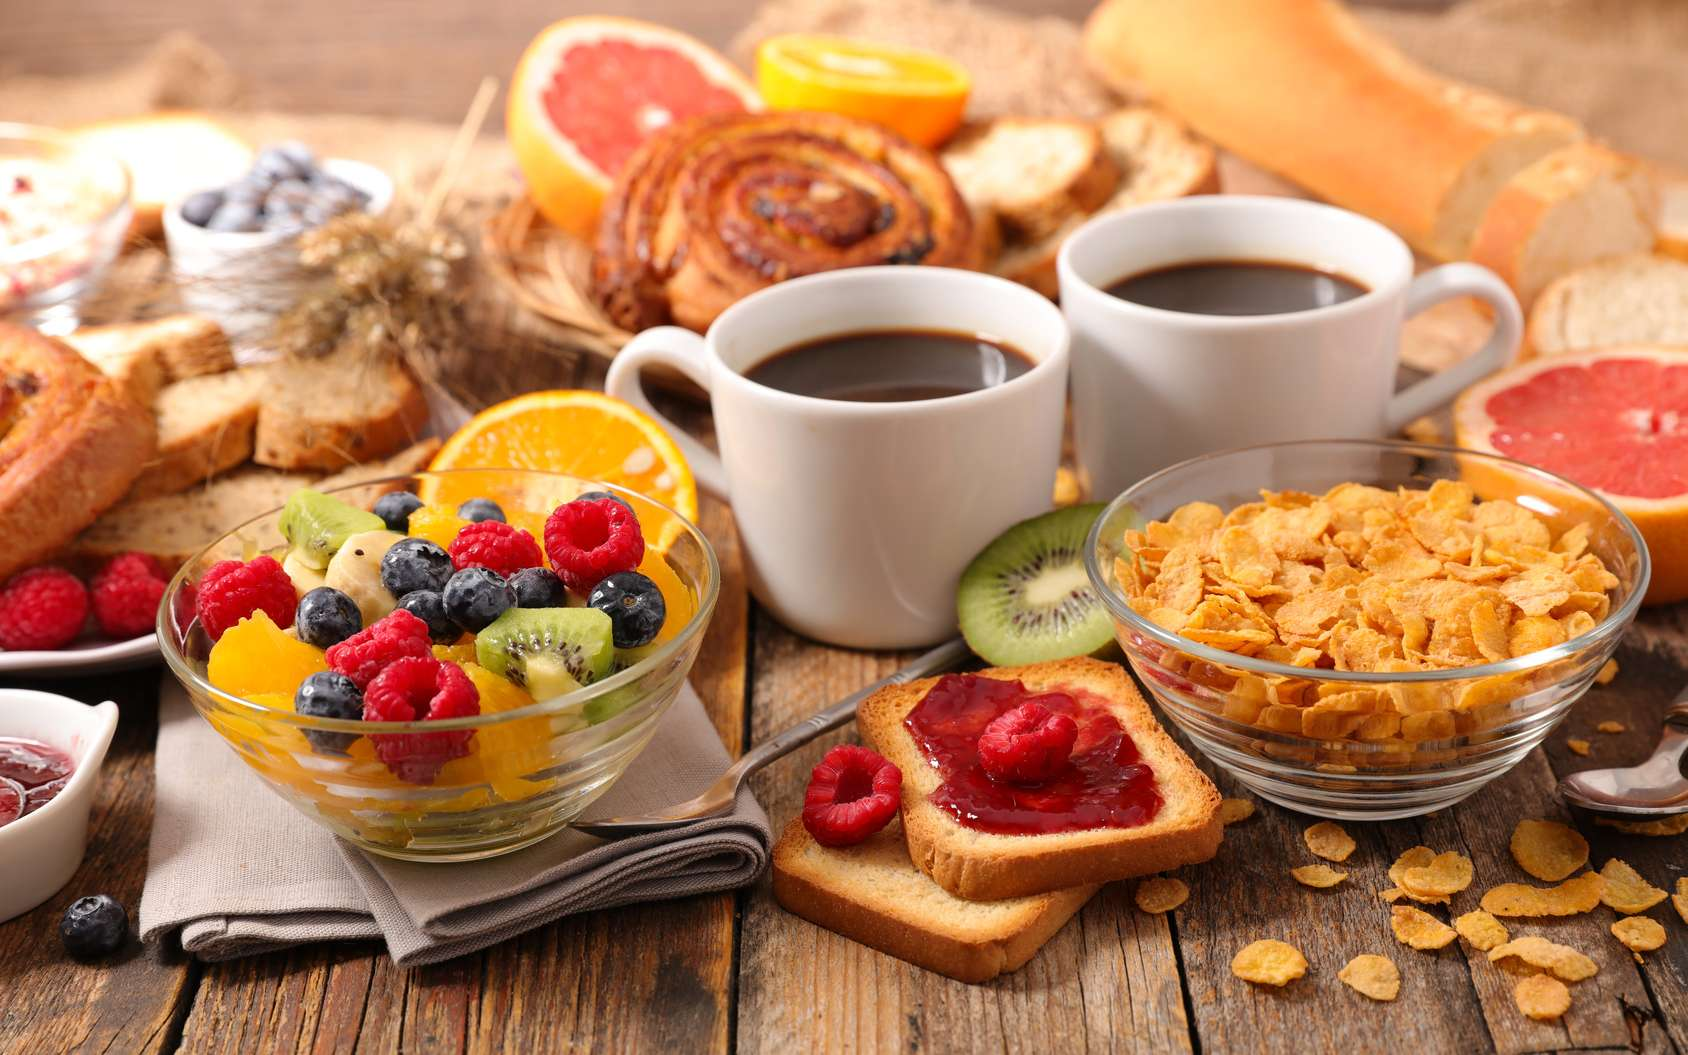 Quelques-uns des ingrédients qui composent un petit déjeuner bon pour la santé. © M.studio, Fotolia